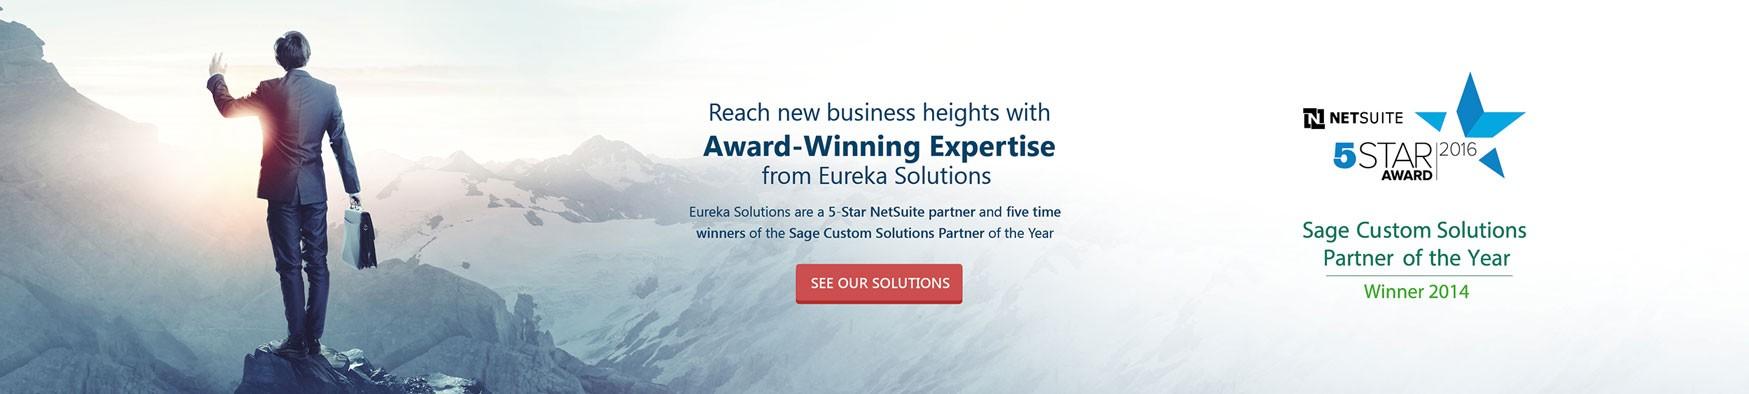 Award Winning expertise Eureka solutions